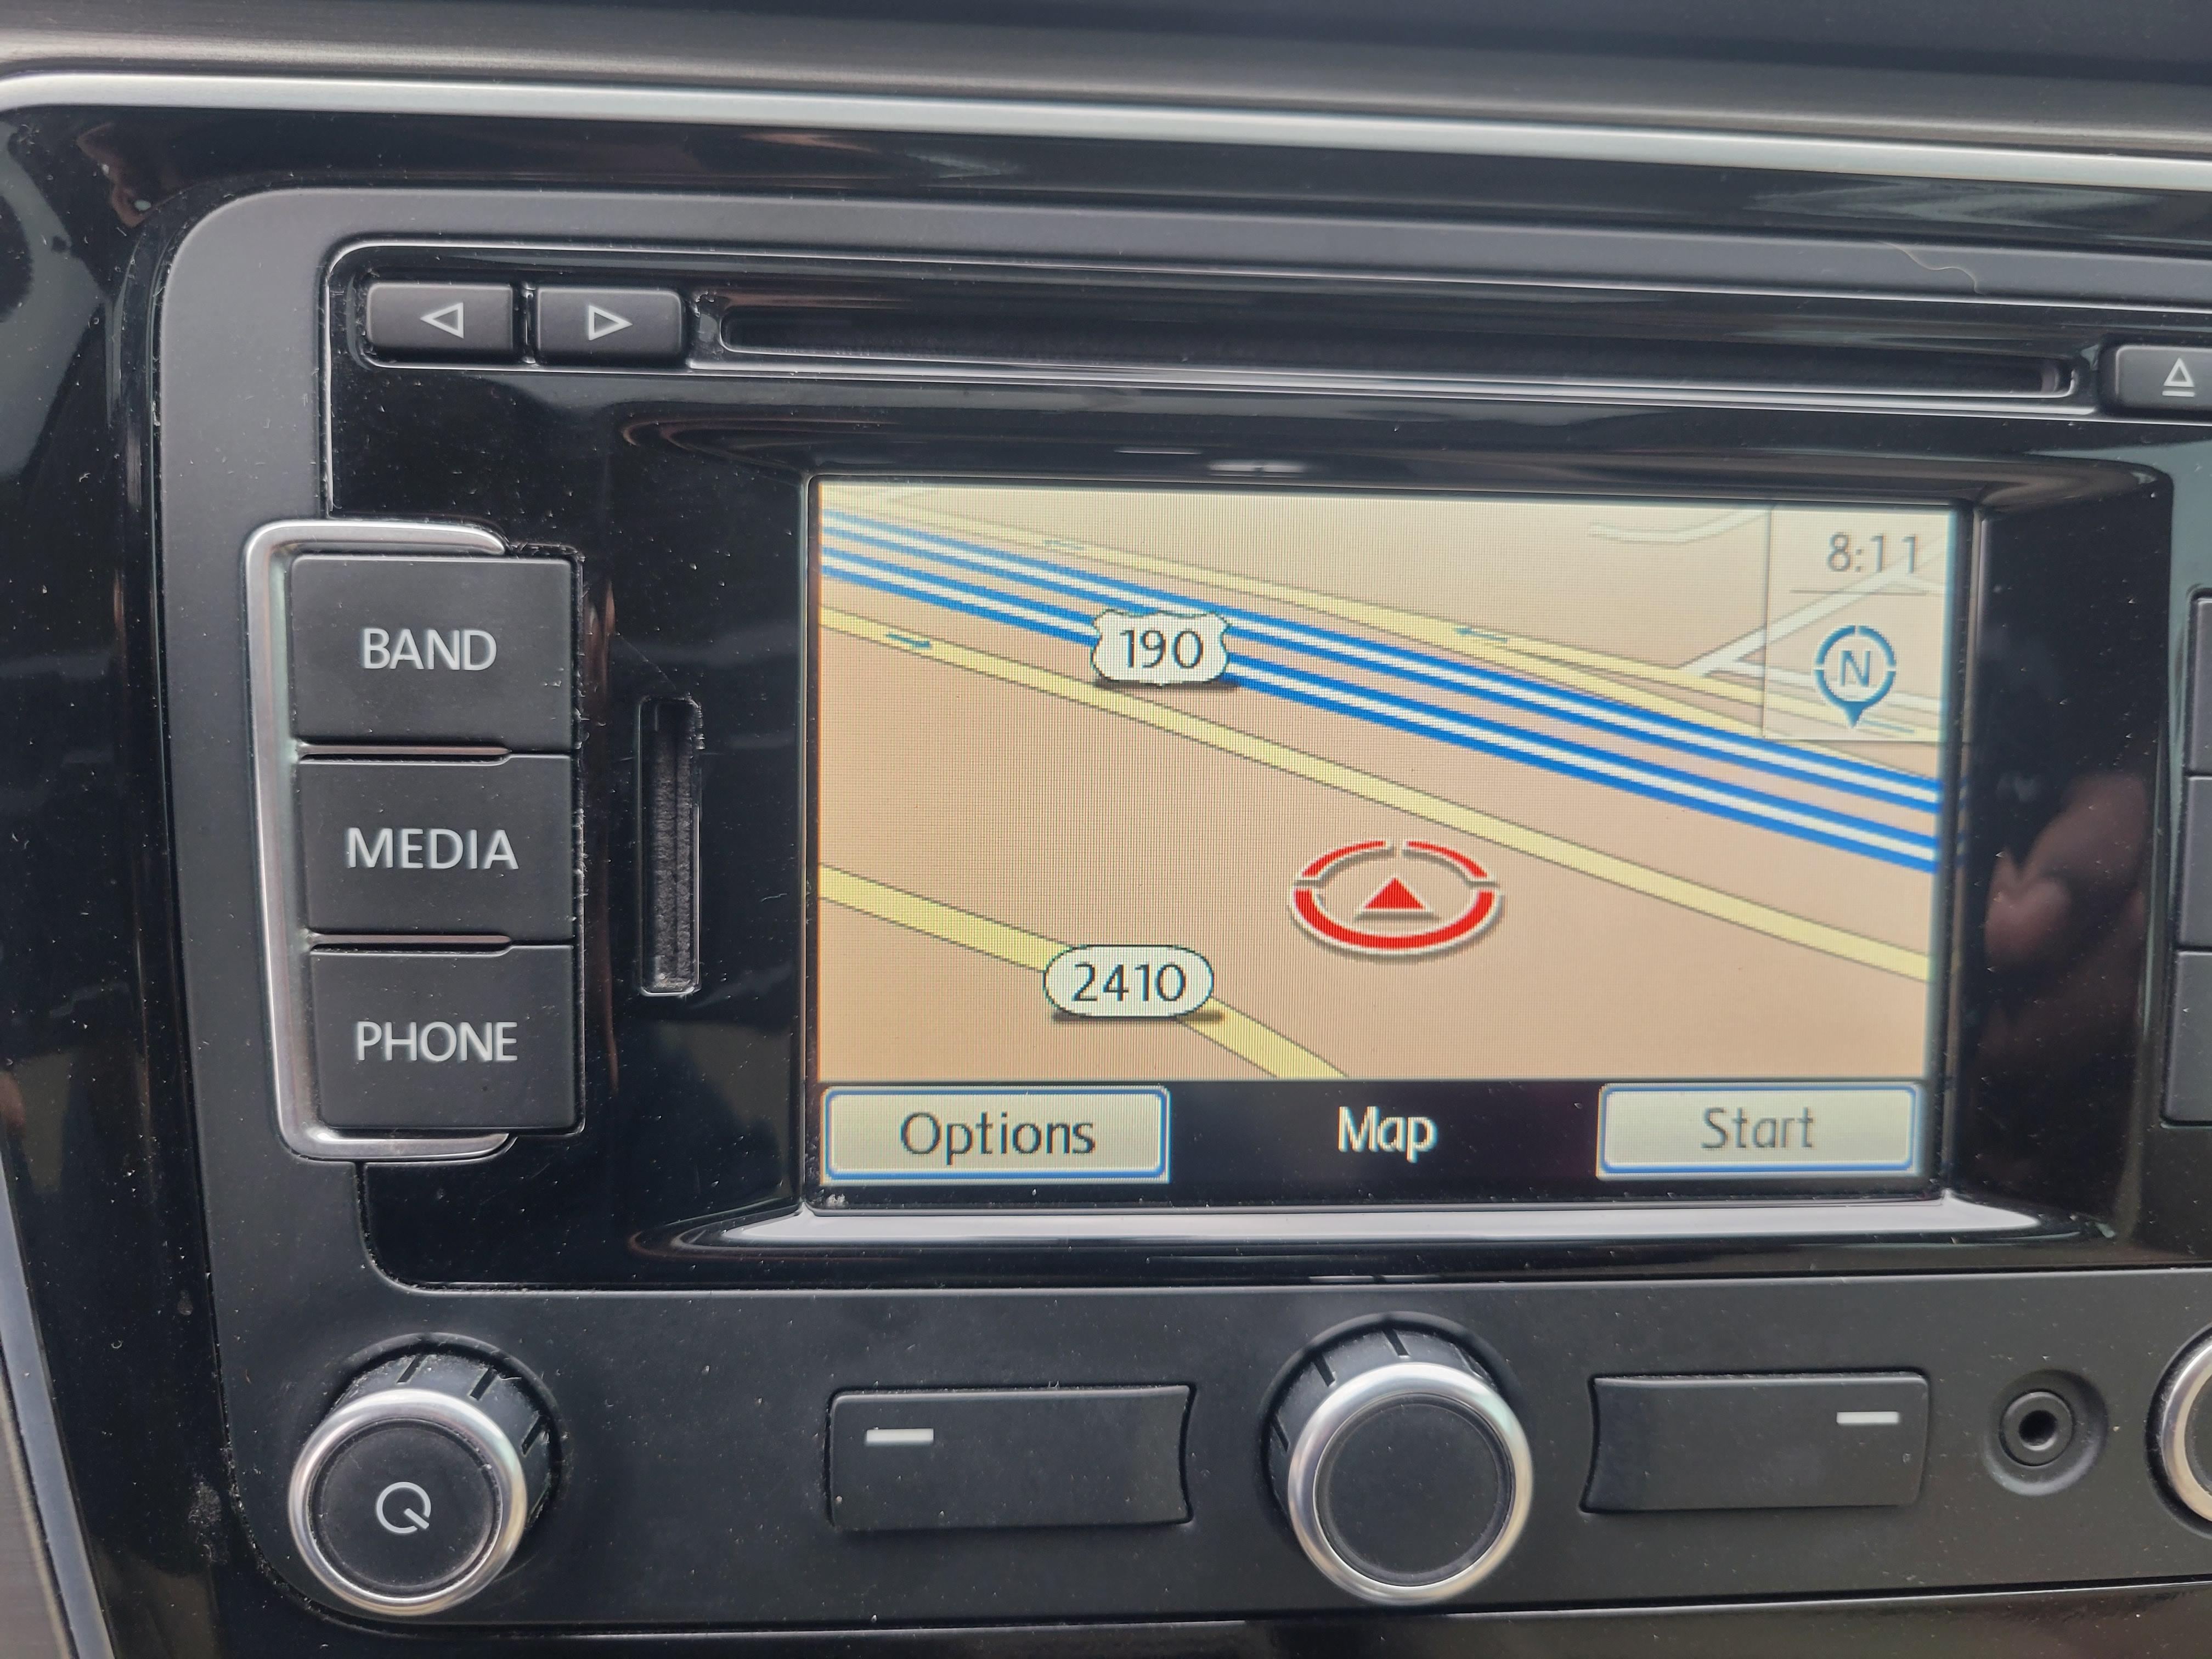 used vehicle - Sedan VOLKSWAGEN PASSAT 2015